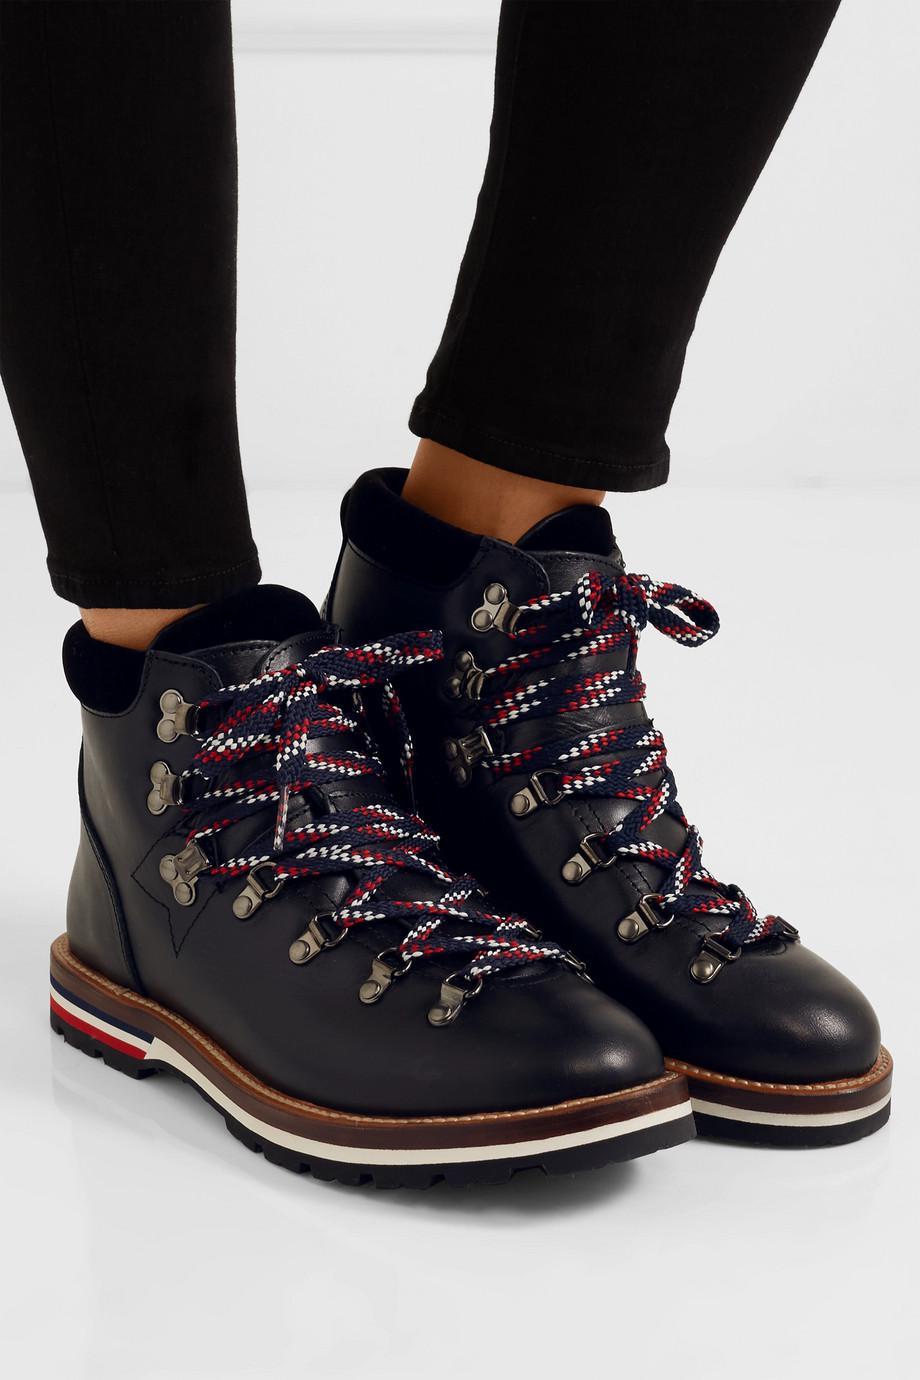 Blanche Velvet-trimmed Leather Ankle Boots - Black Moncler j4vBf